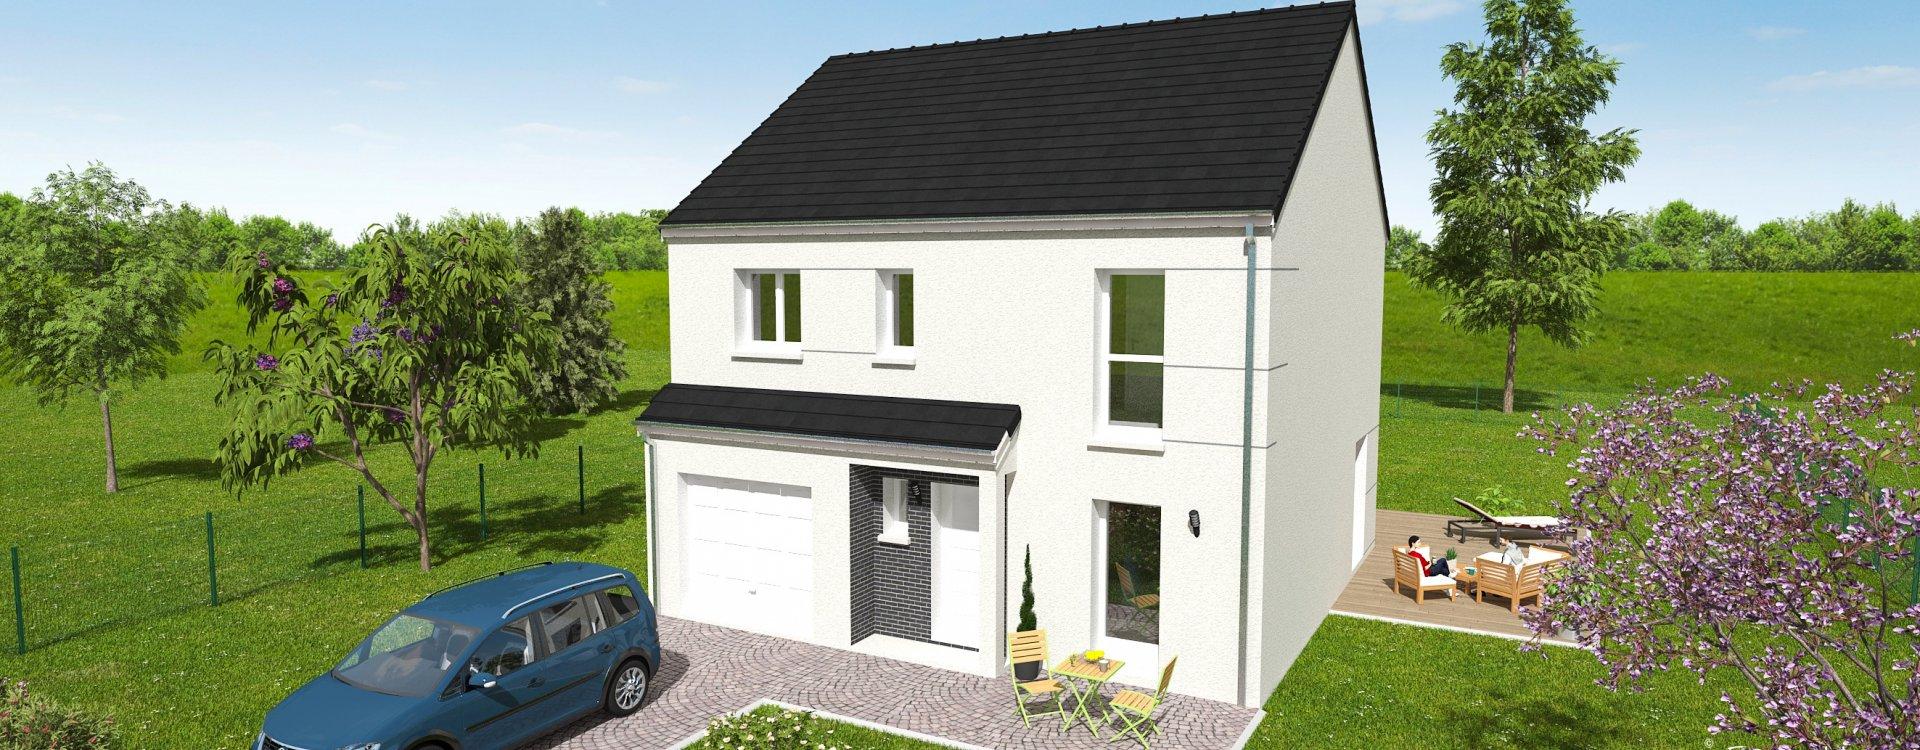 Maisons + Terrains du constructeur EASY HOUSE FRANCE • 114 m² • DARVOY